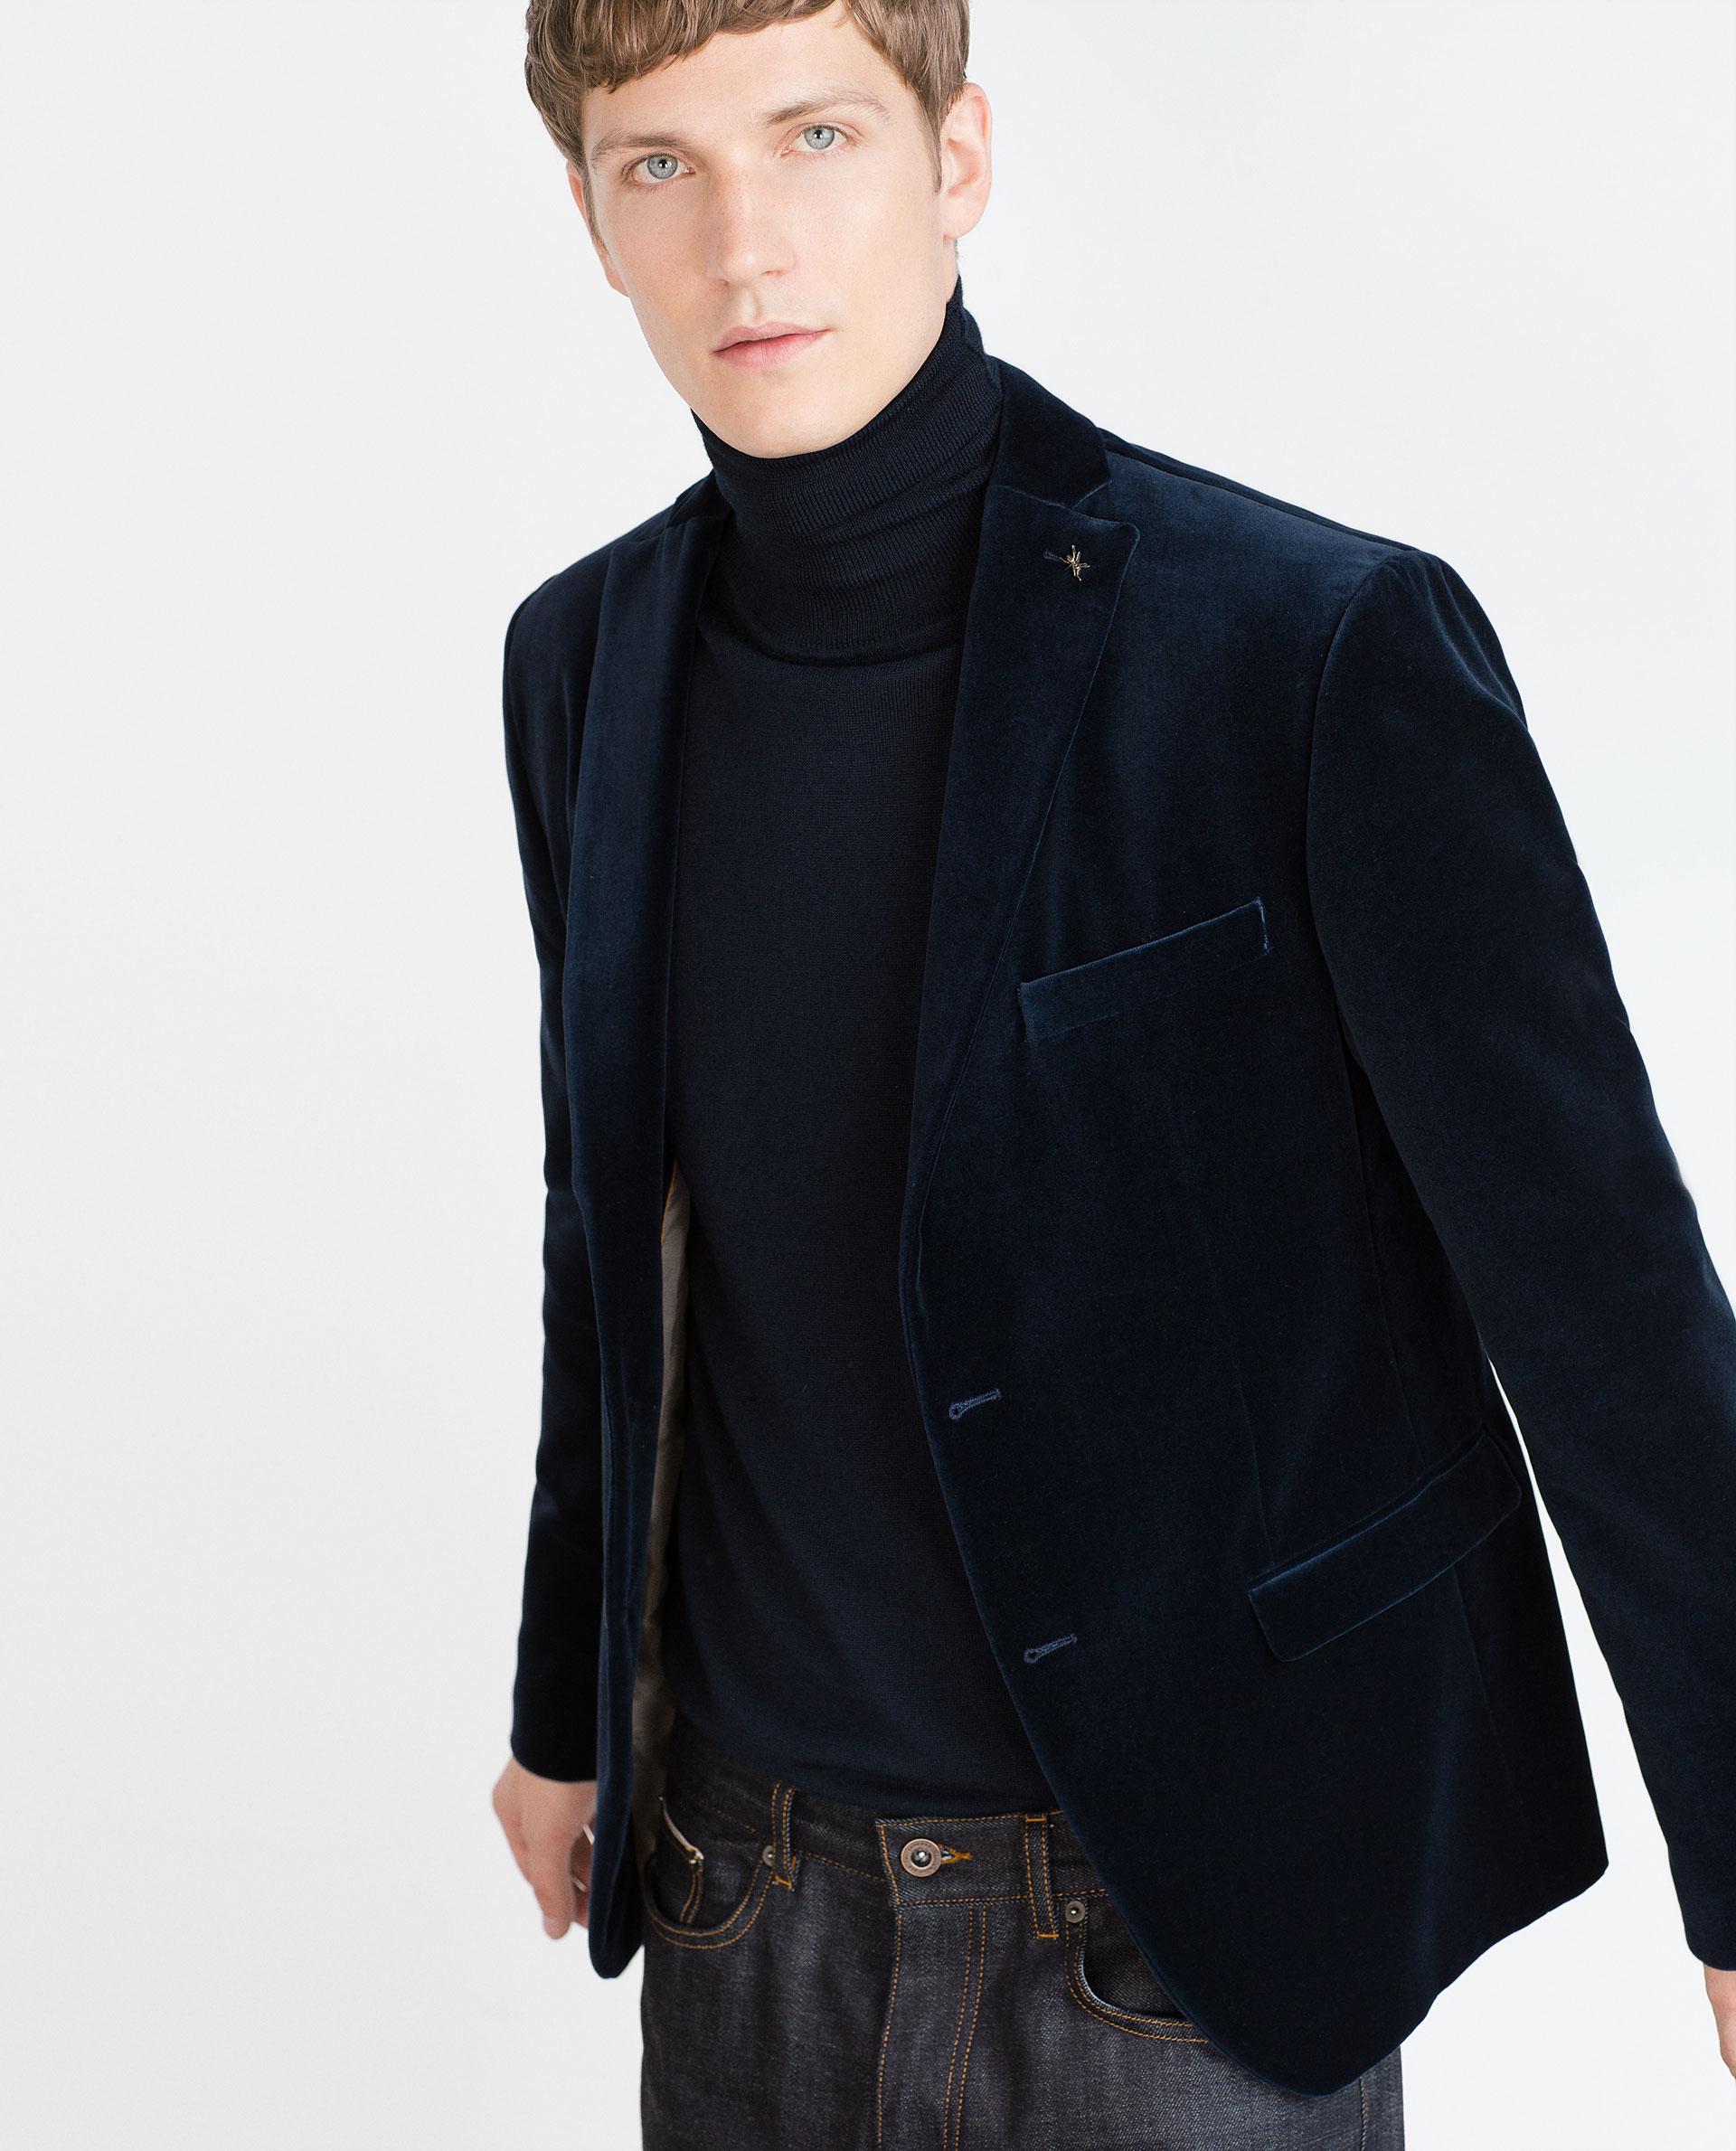 Zara Velvet Blazer In Blue For Men | Lyst